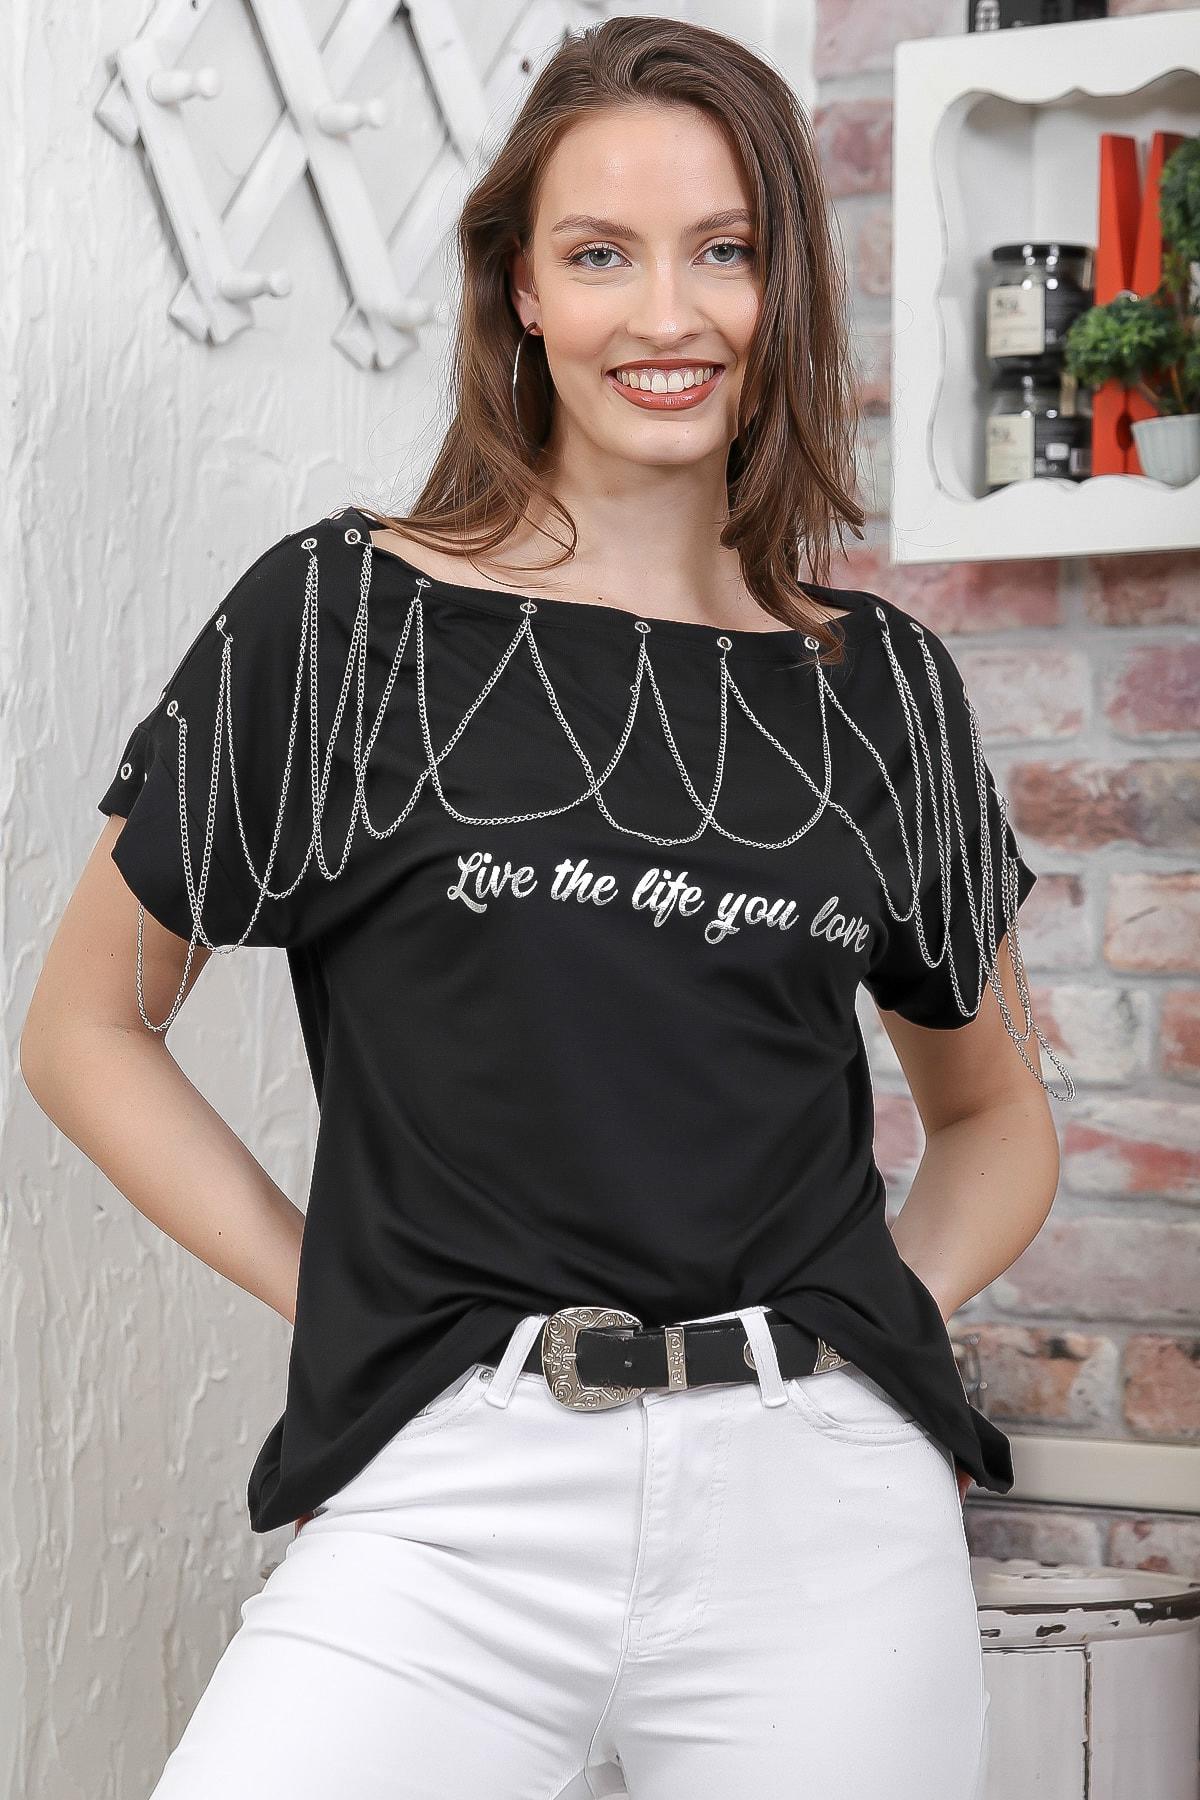 Chiccy Kadın Siyah Kayık Yaka Zincir Detaylı Baskılı T-Shirt M10010300TS98268